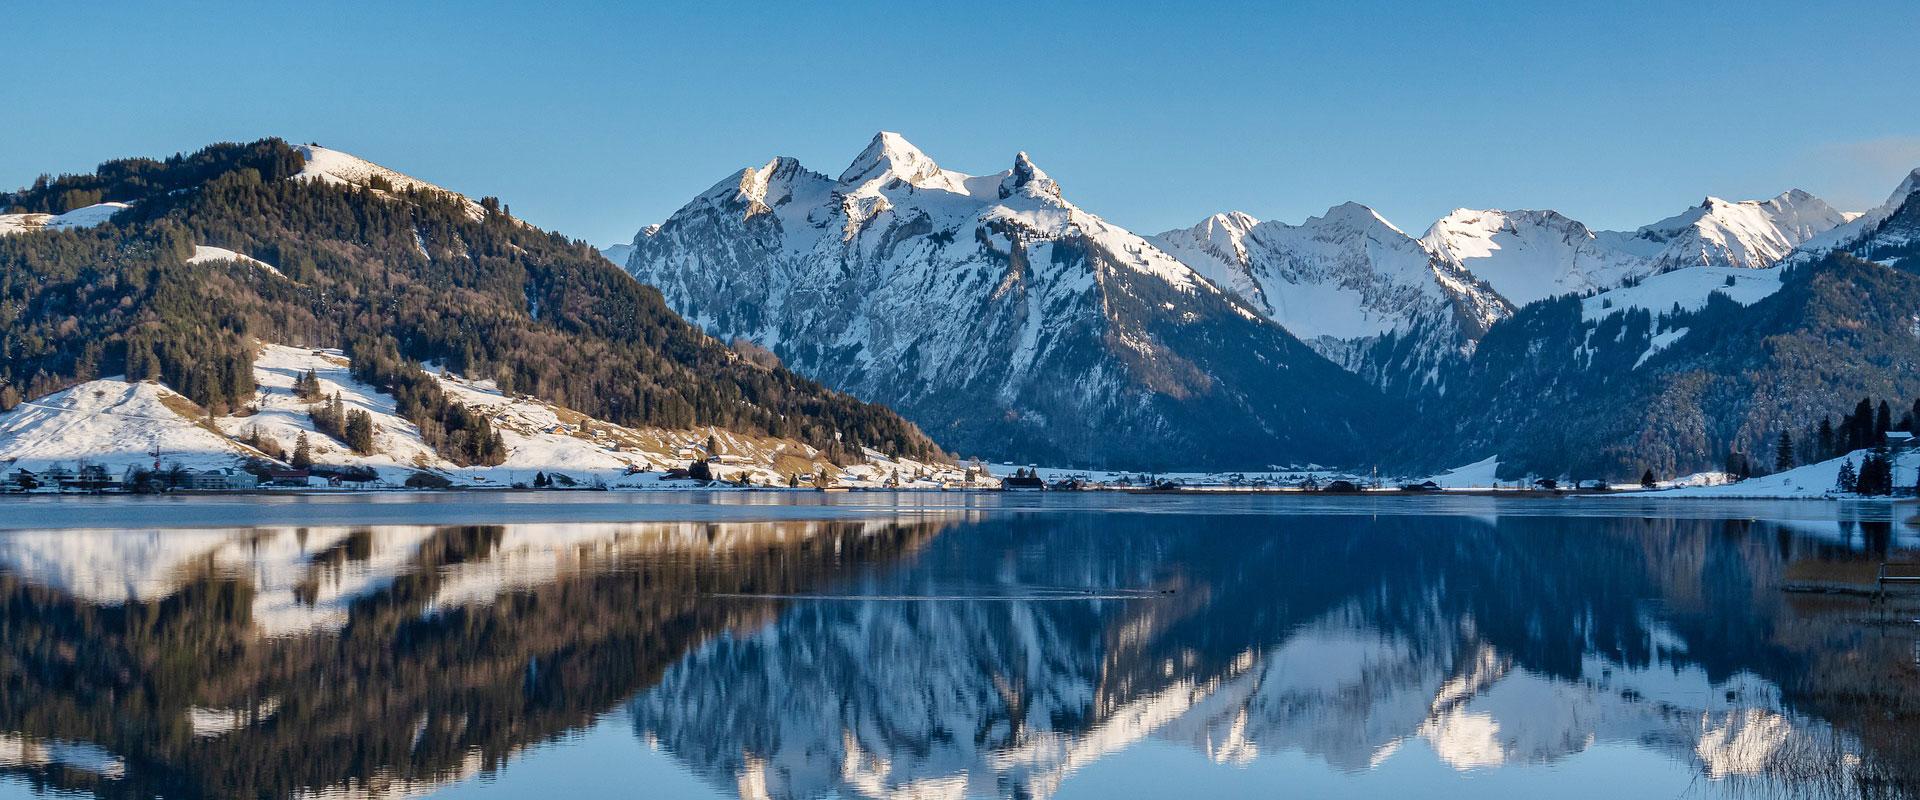 Sihlsee im Kanton Schwyz